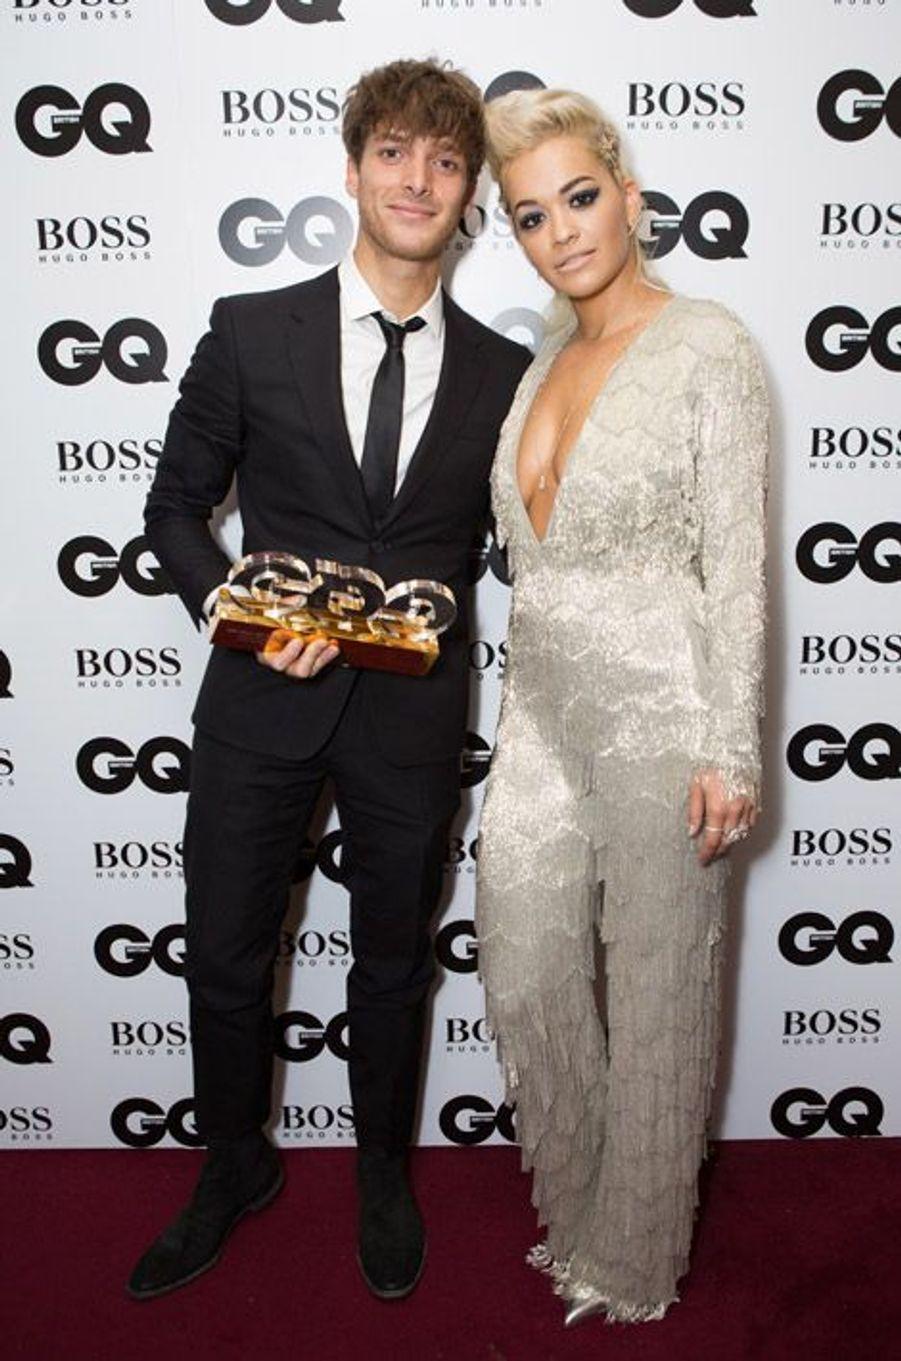 La chanteuse Rita Ora en Nicholas Oakwell Couture lors de la soirée GQ Awards à Londres, le 2 septembre 2014